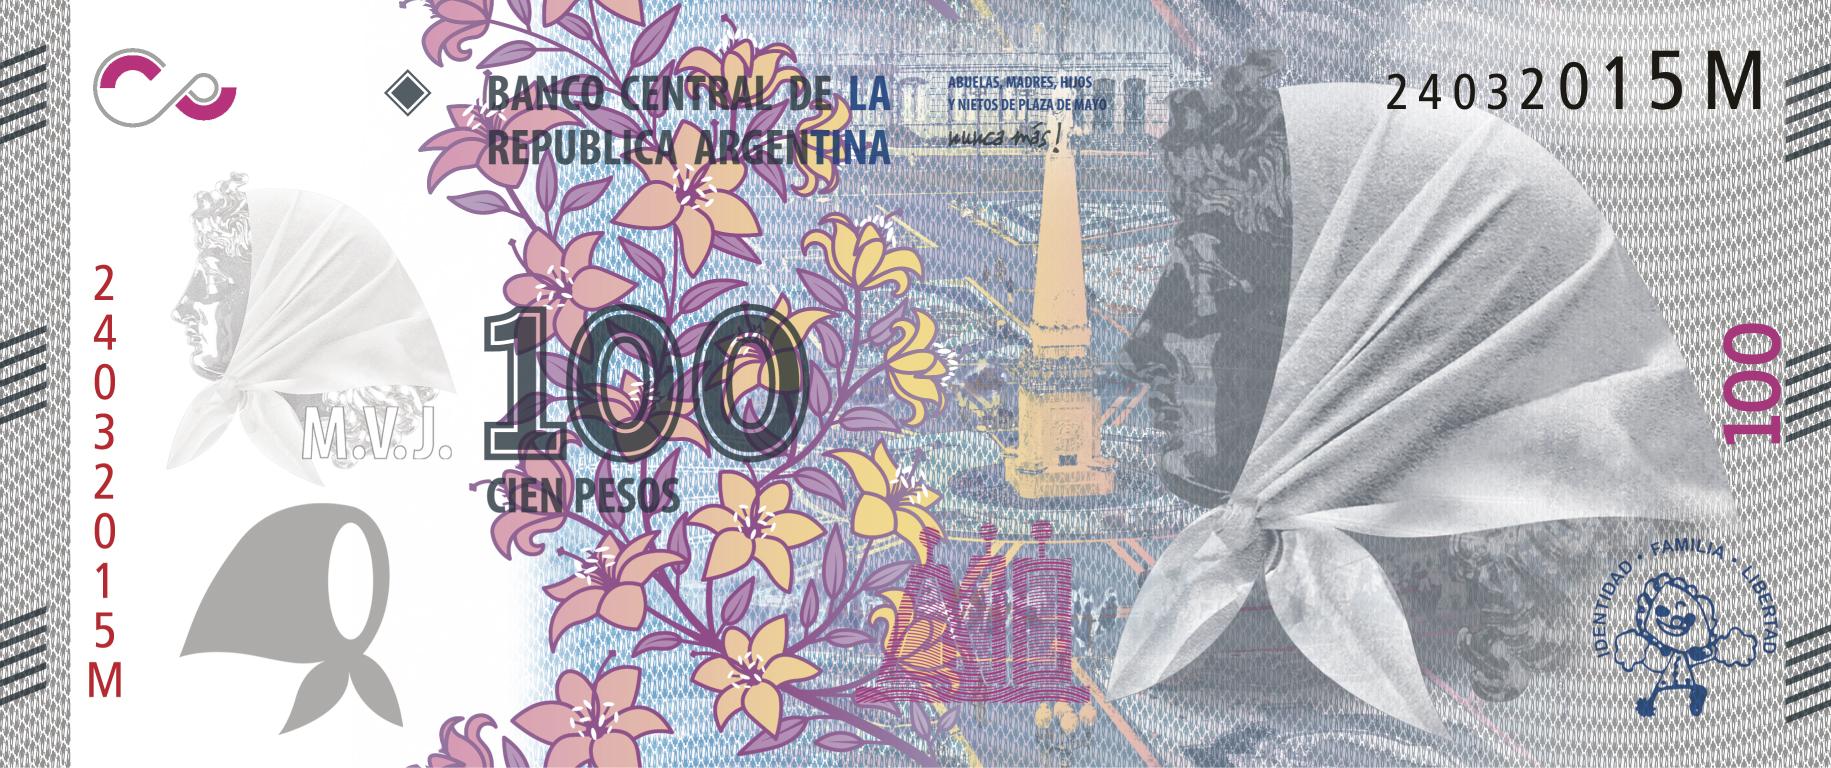 Se emitirá un billete de 100 pesos en homenaje a las Madres y Abuelas de Plaza de Mayo